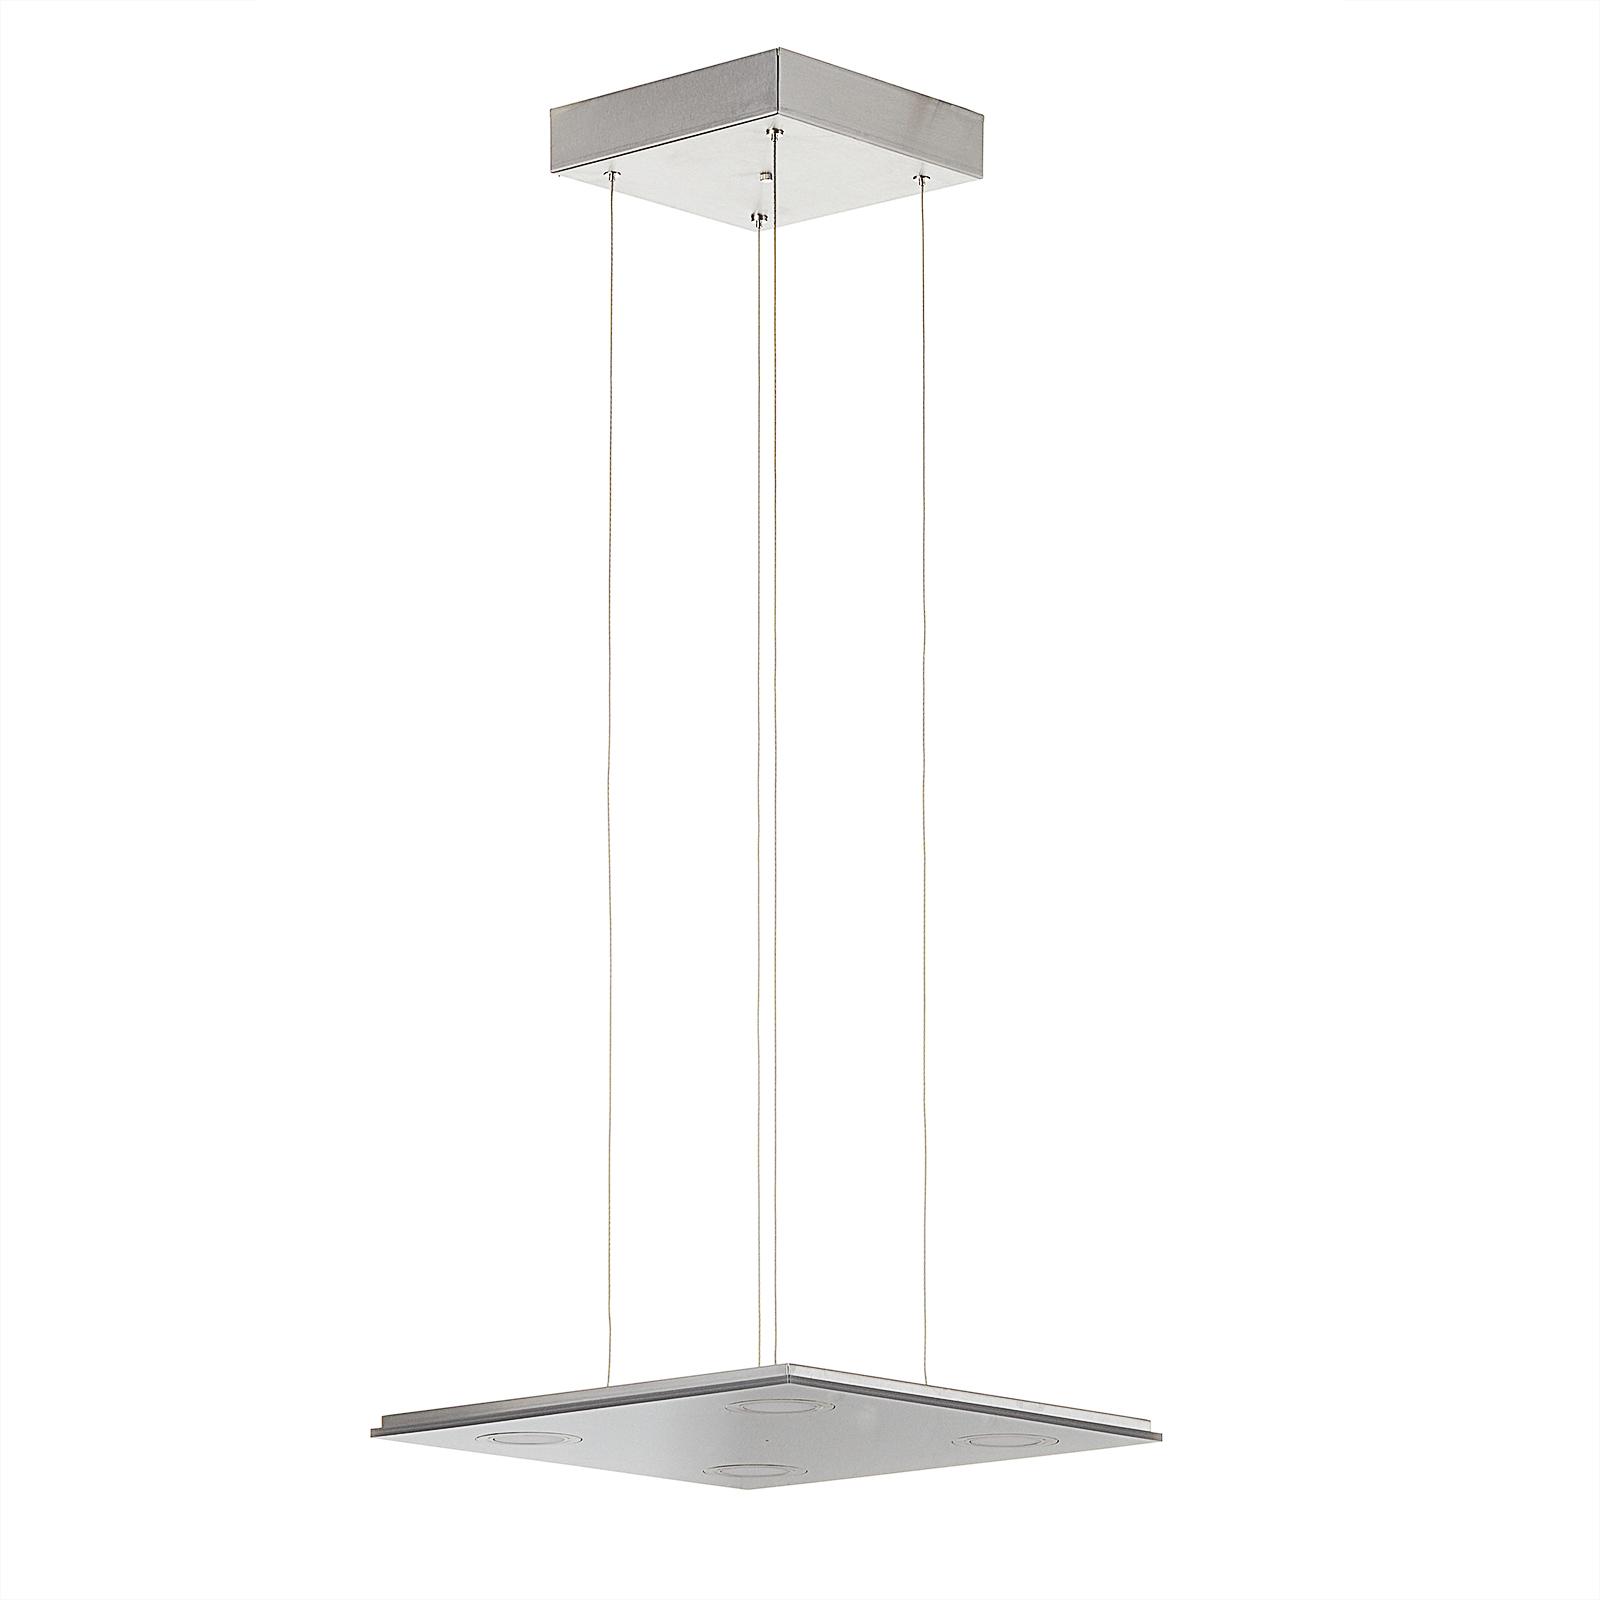 Kvadratisk LED-pendellampe Pano, metallic